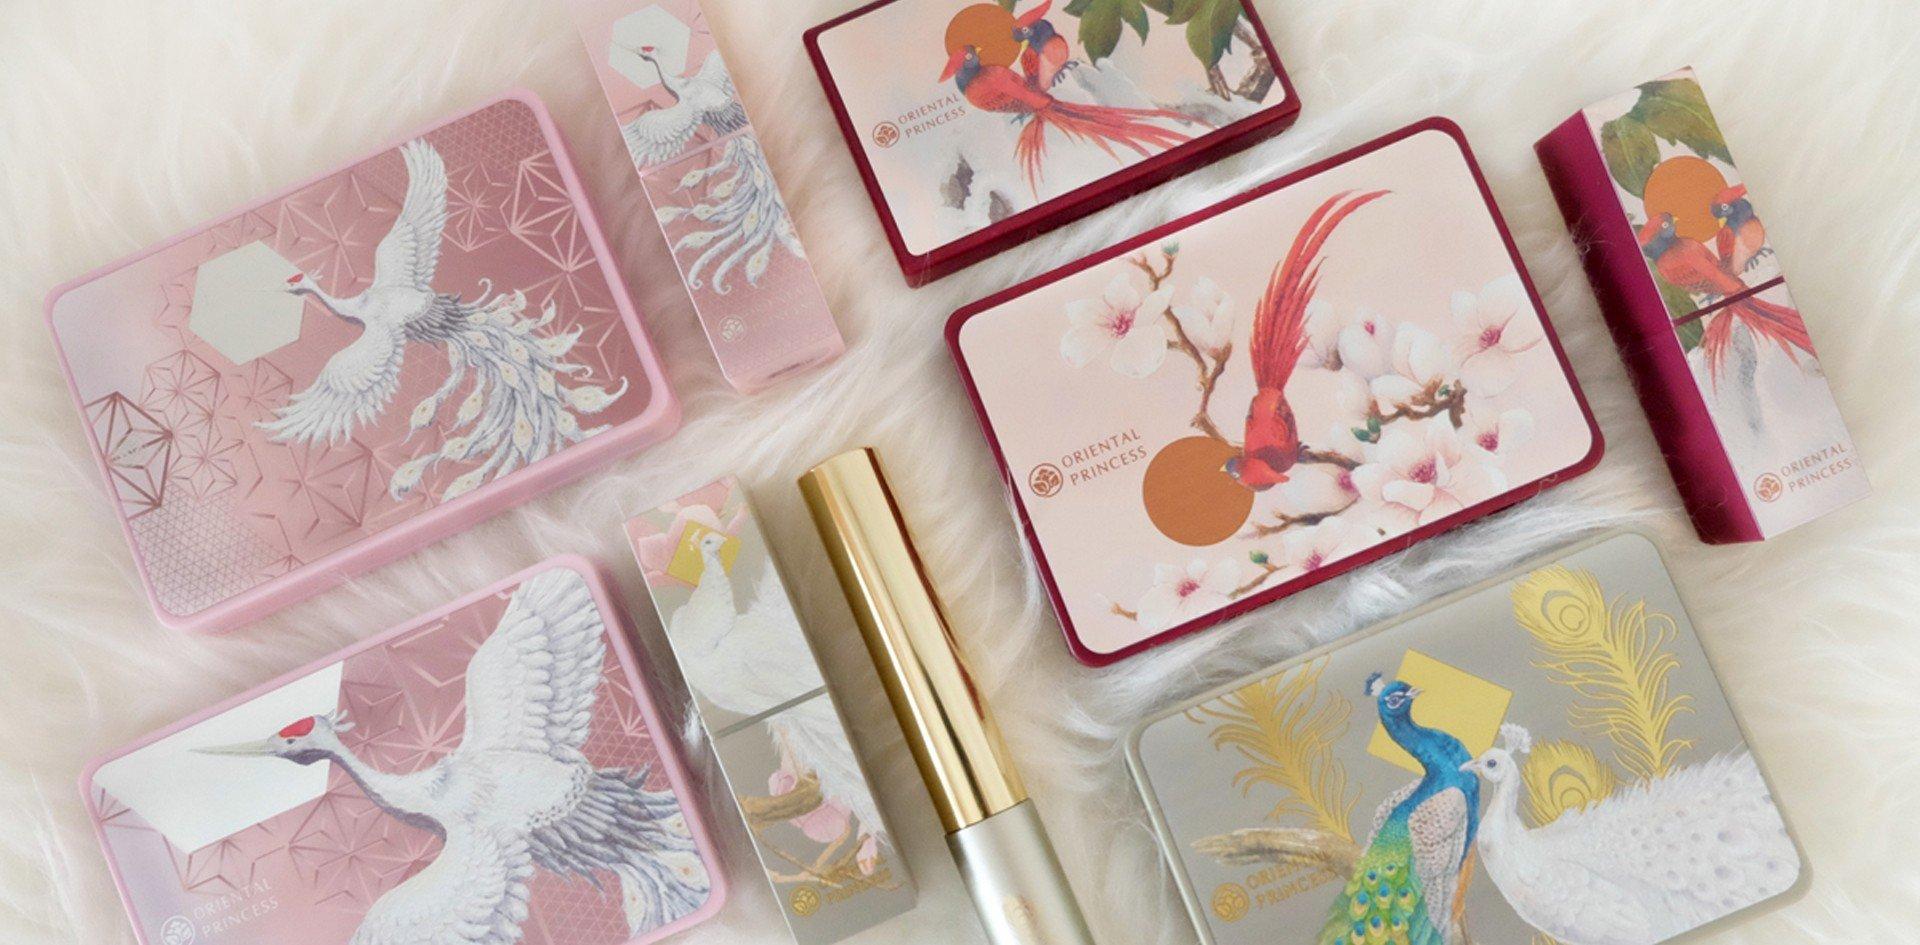 Oriental Princess คอลเลกชัน True Wings ที่น่าโดนทั้ง 3 เซต